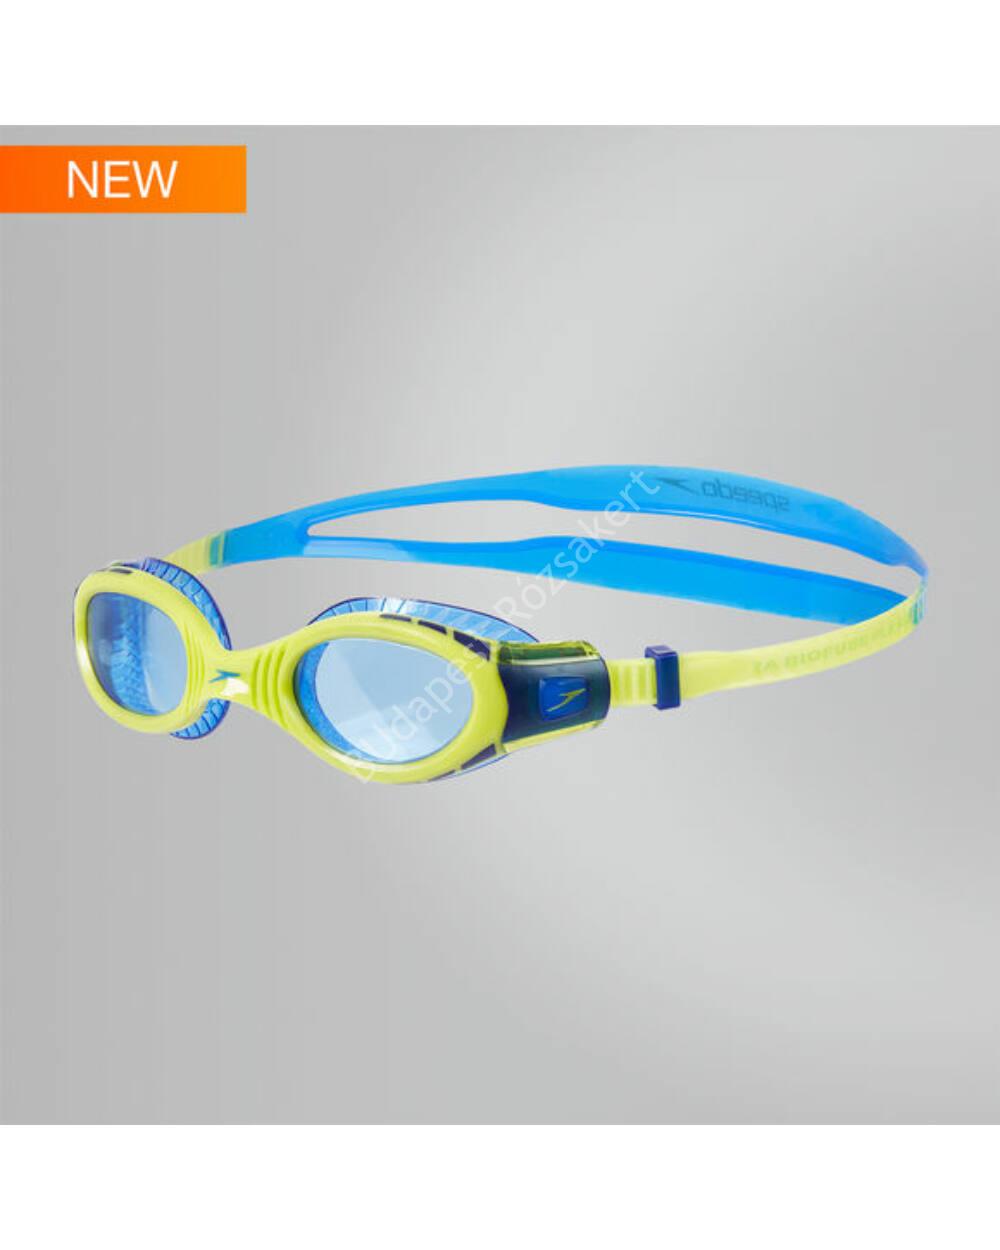 Speedo Futura Biofuse Flexiseal Junior úszószemüveg 6-14 éves, neonzöld-kék